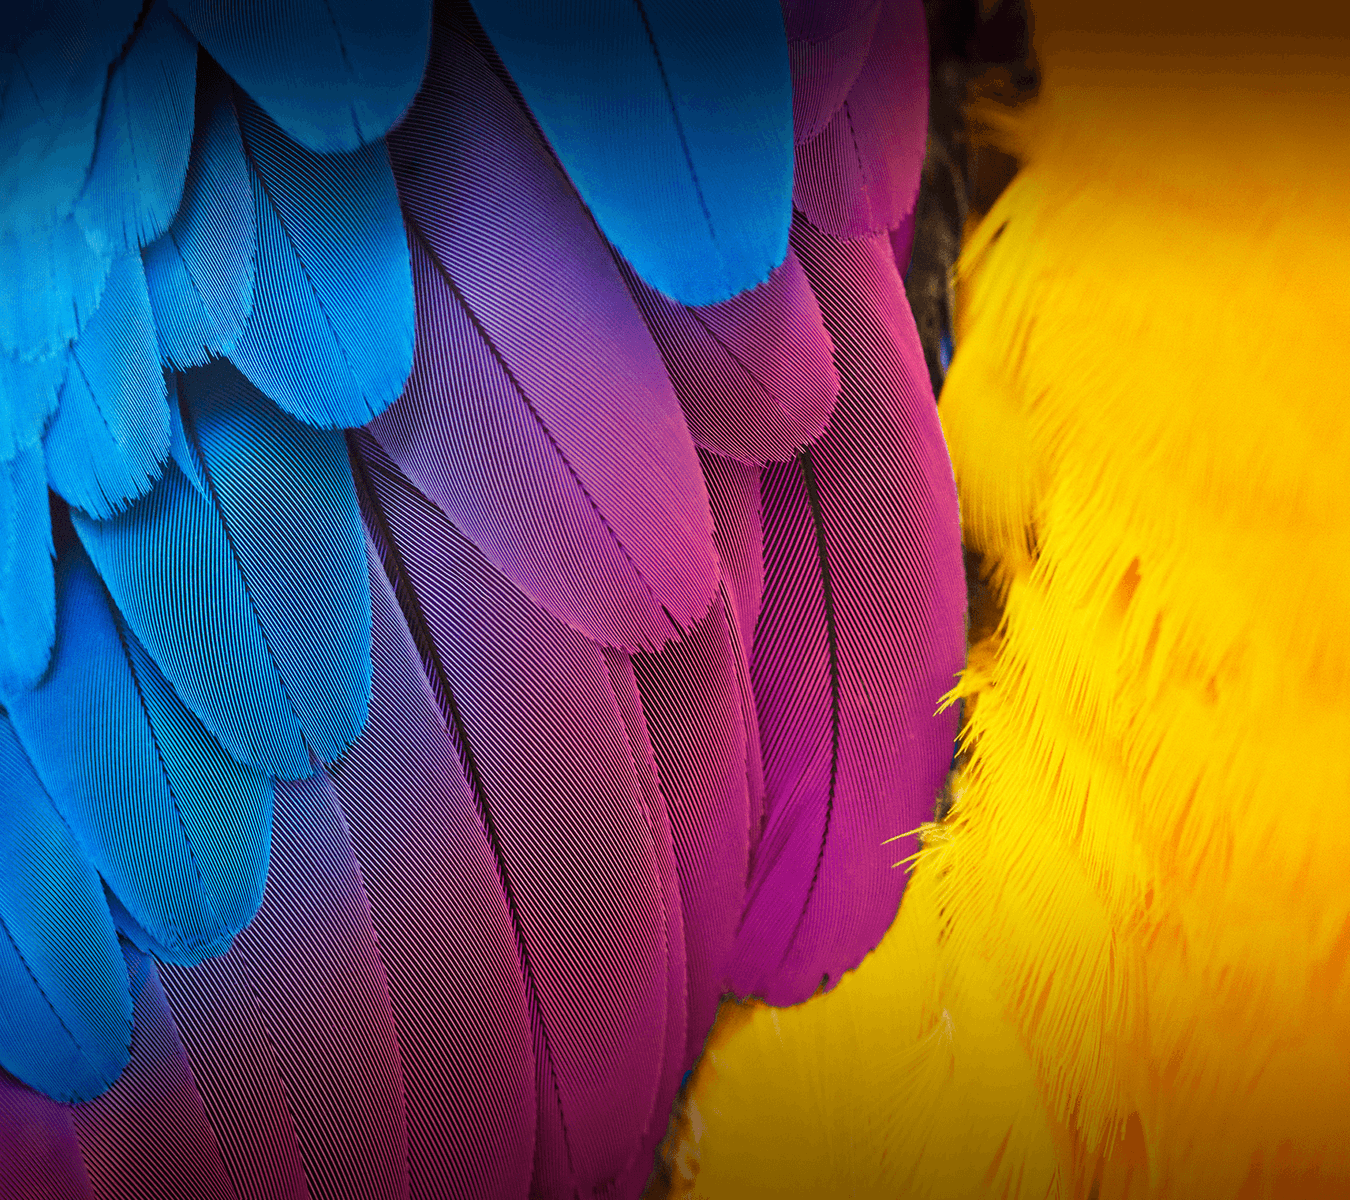 TechDroider: wallpaper